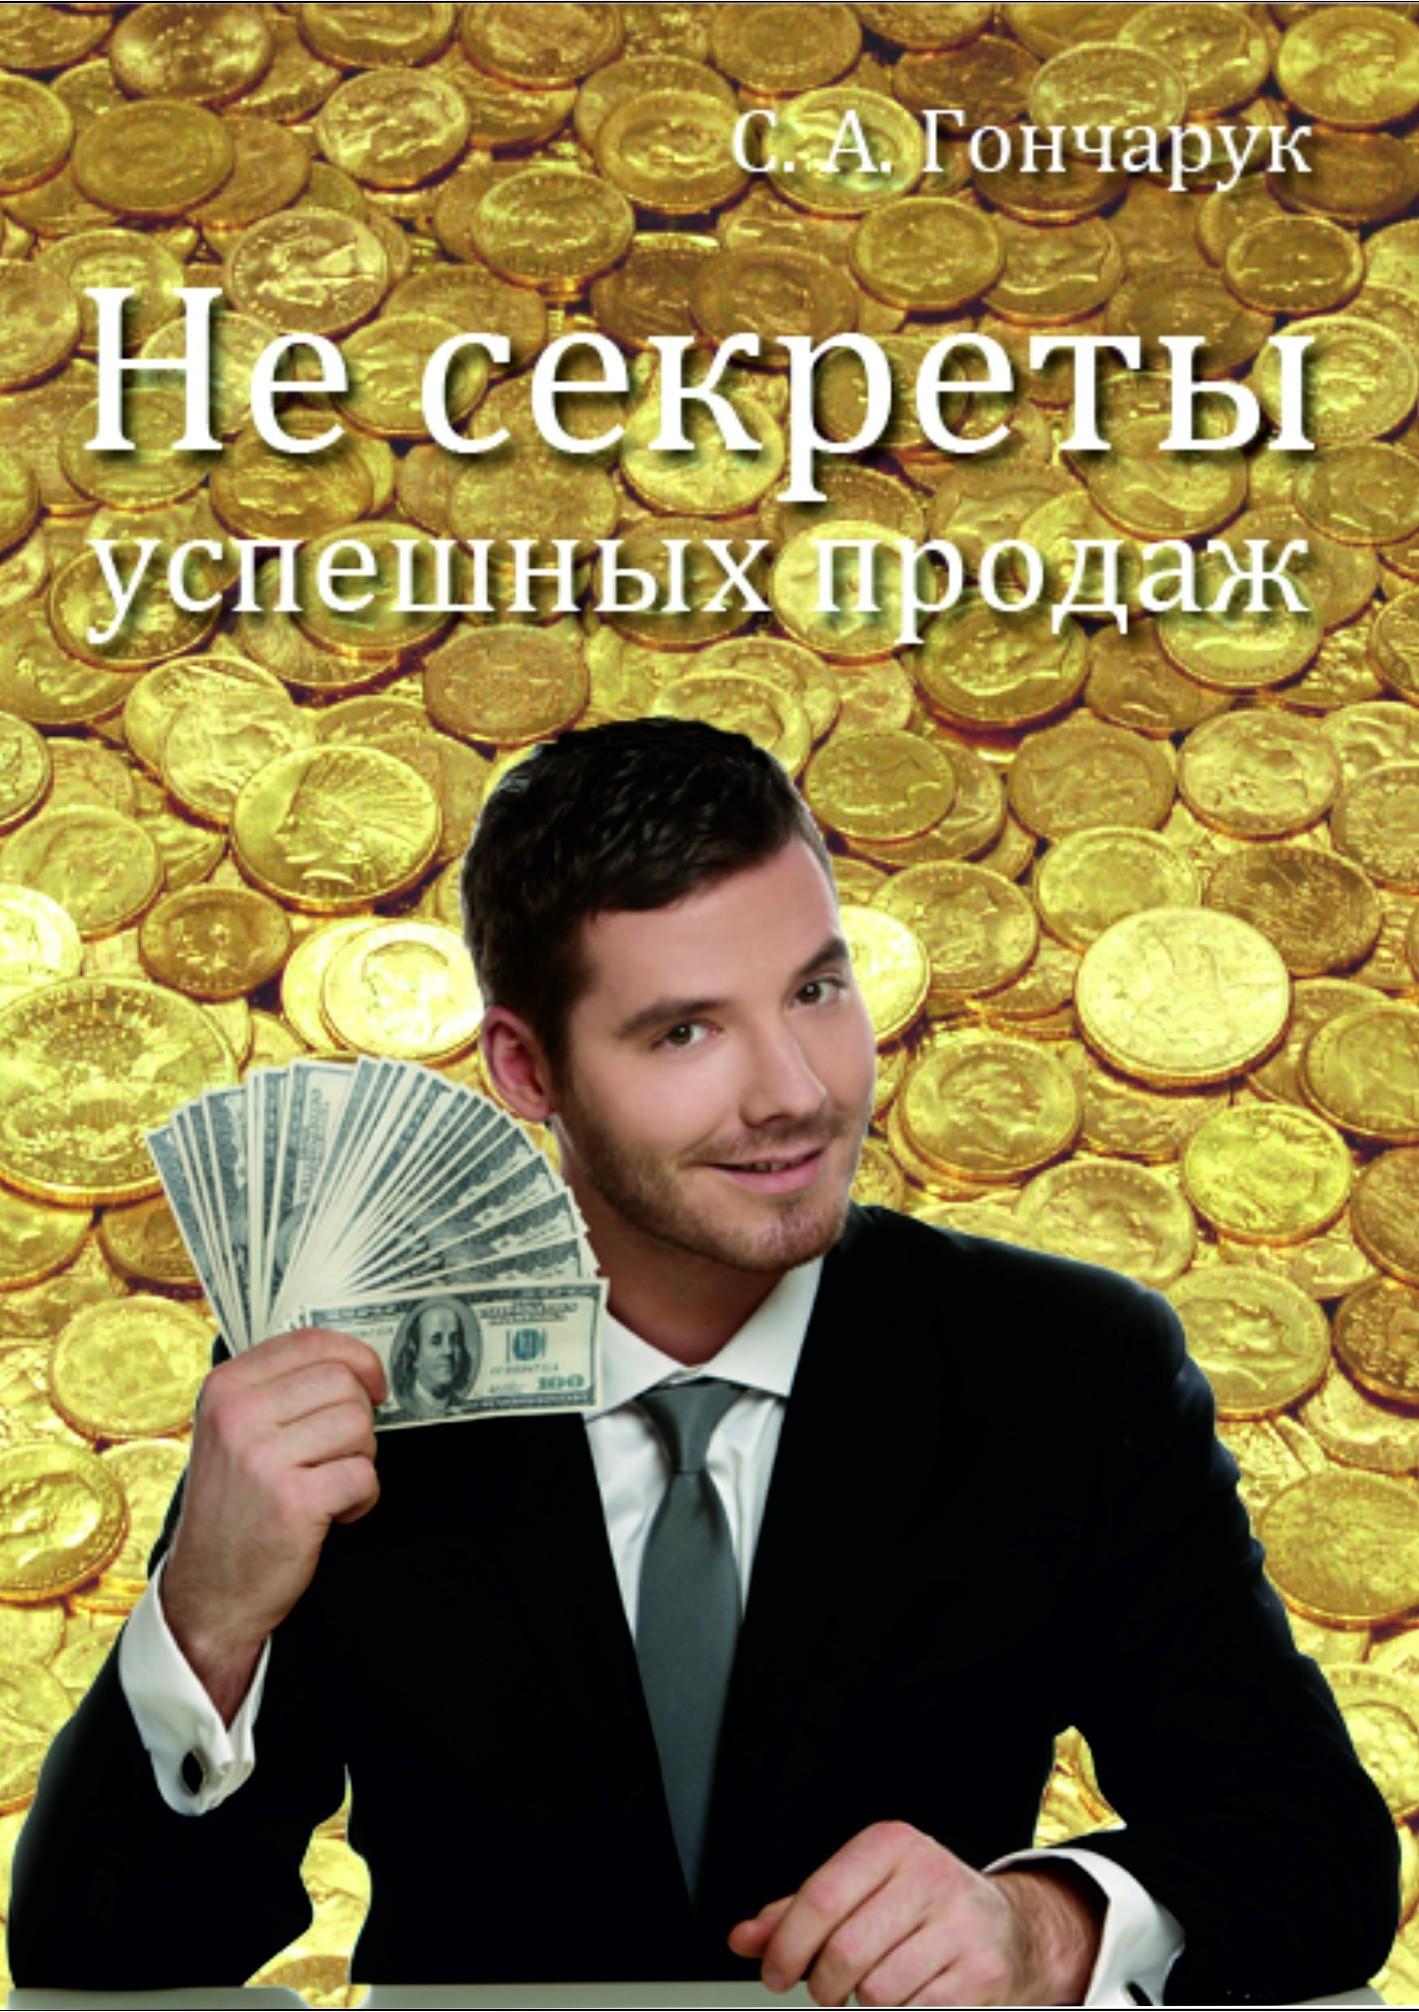 Сергей Анатольевич Гончарук бесплатно